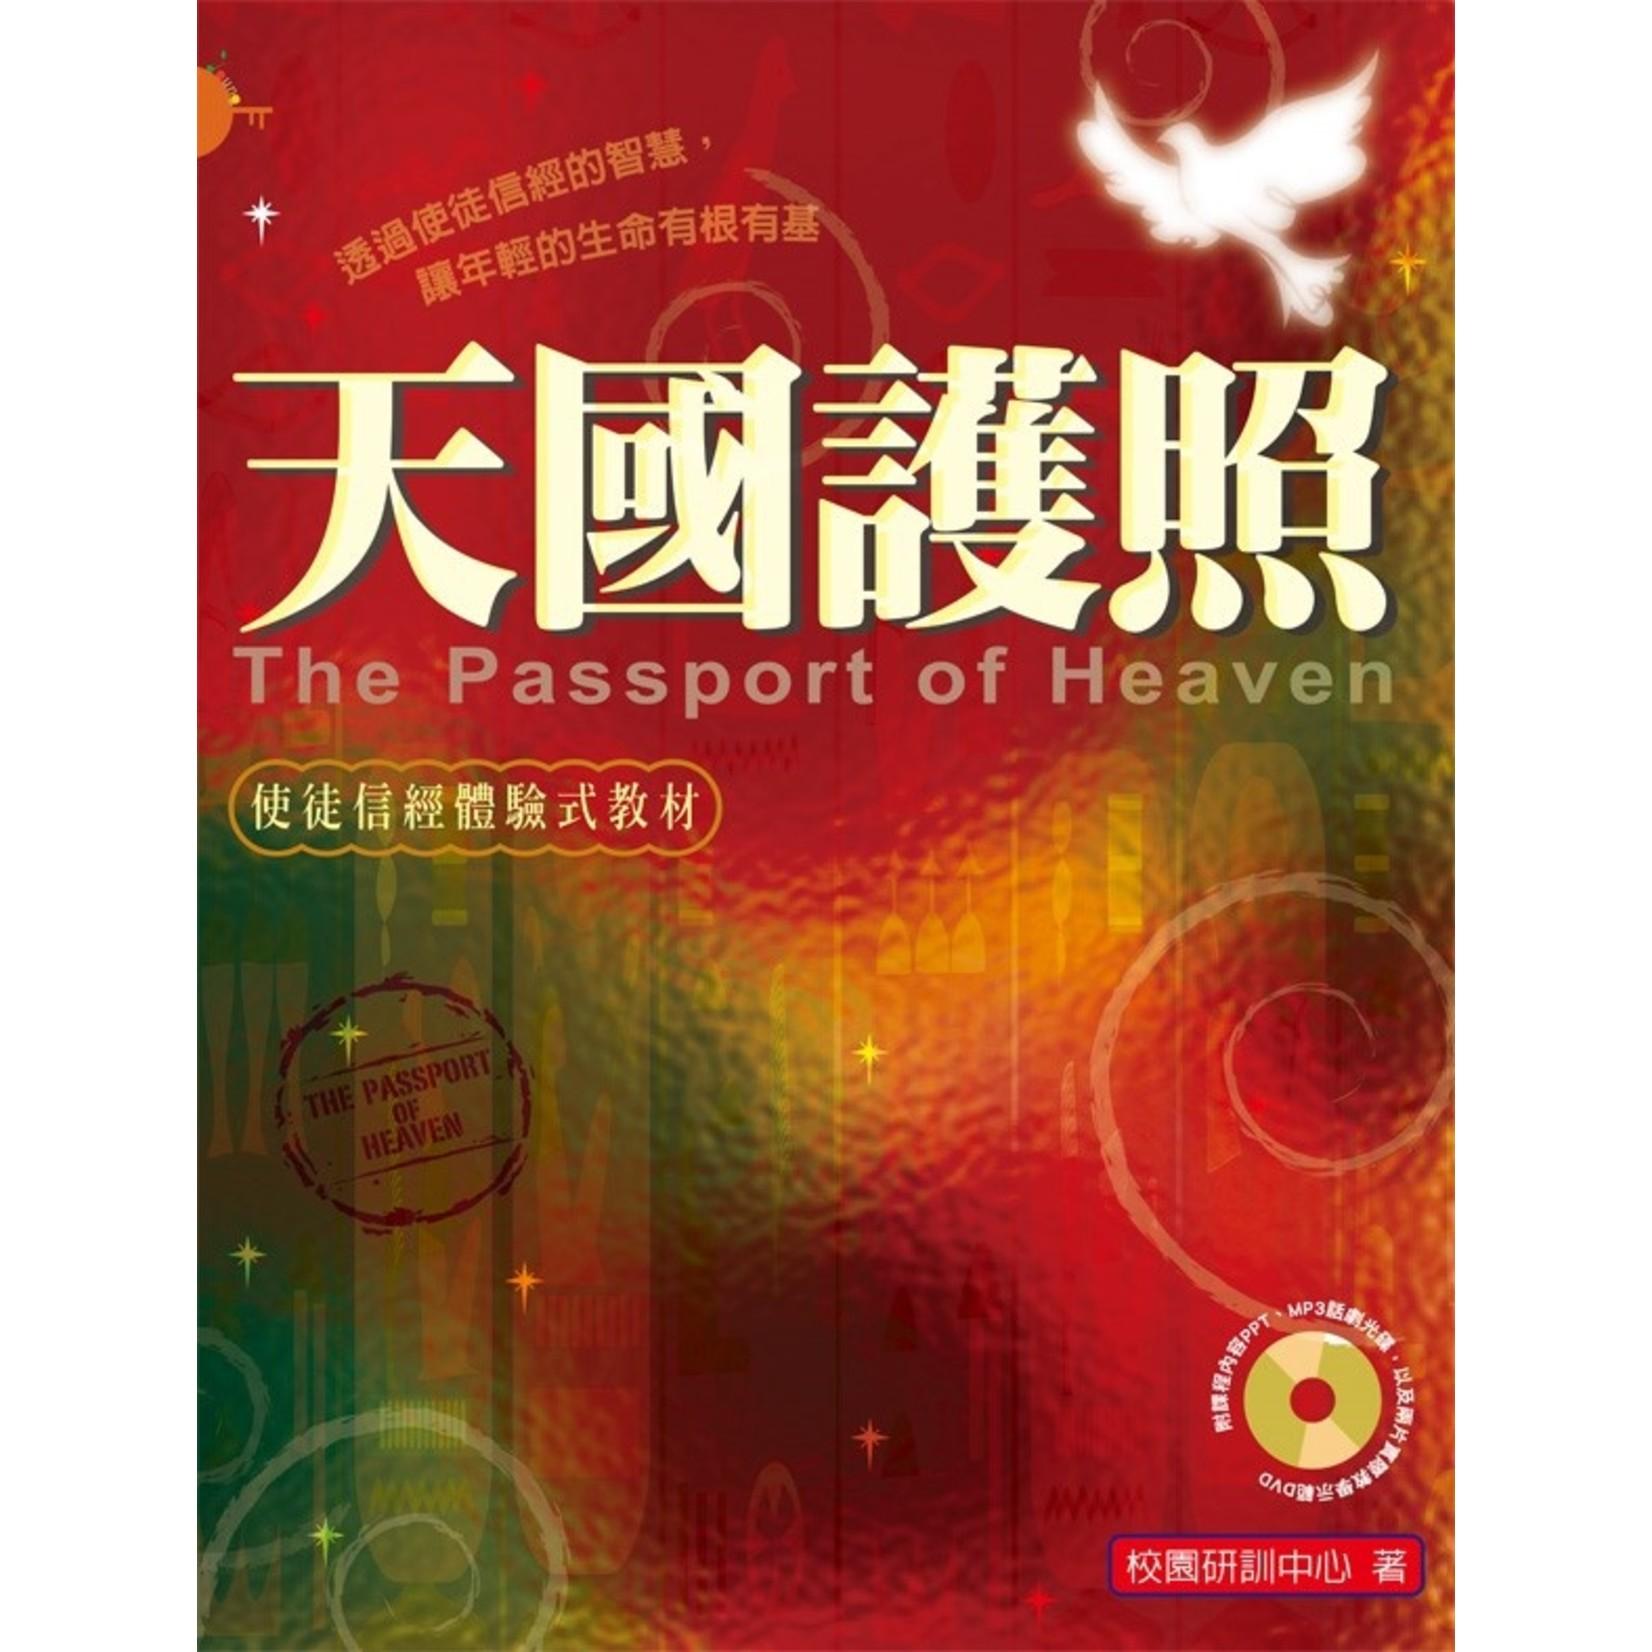 校園書房 Campus Books 天國護照:使徒信經體驗式教材(修訂版)